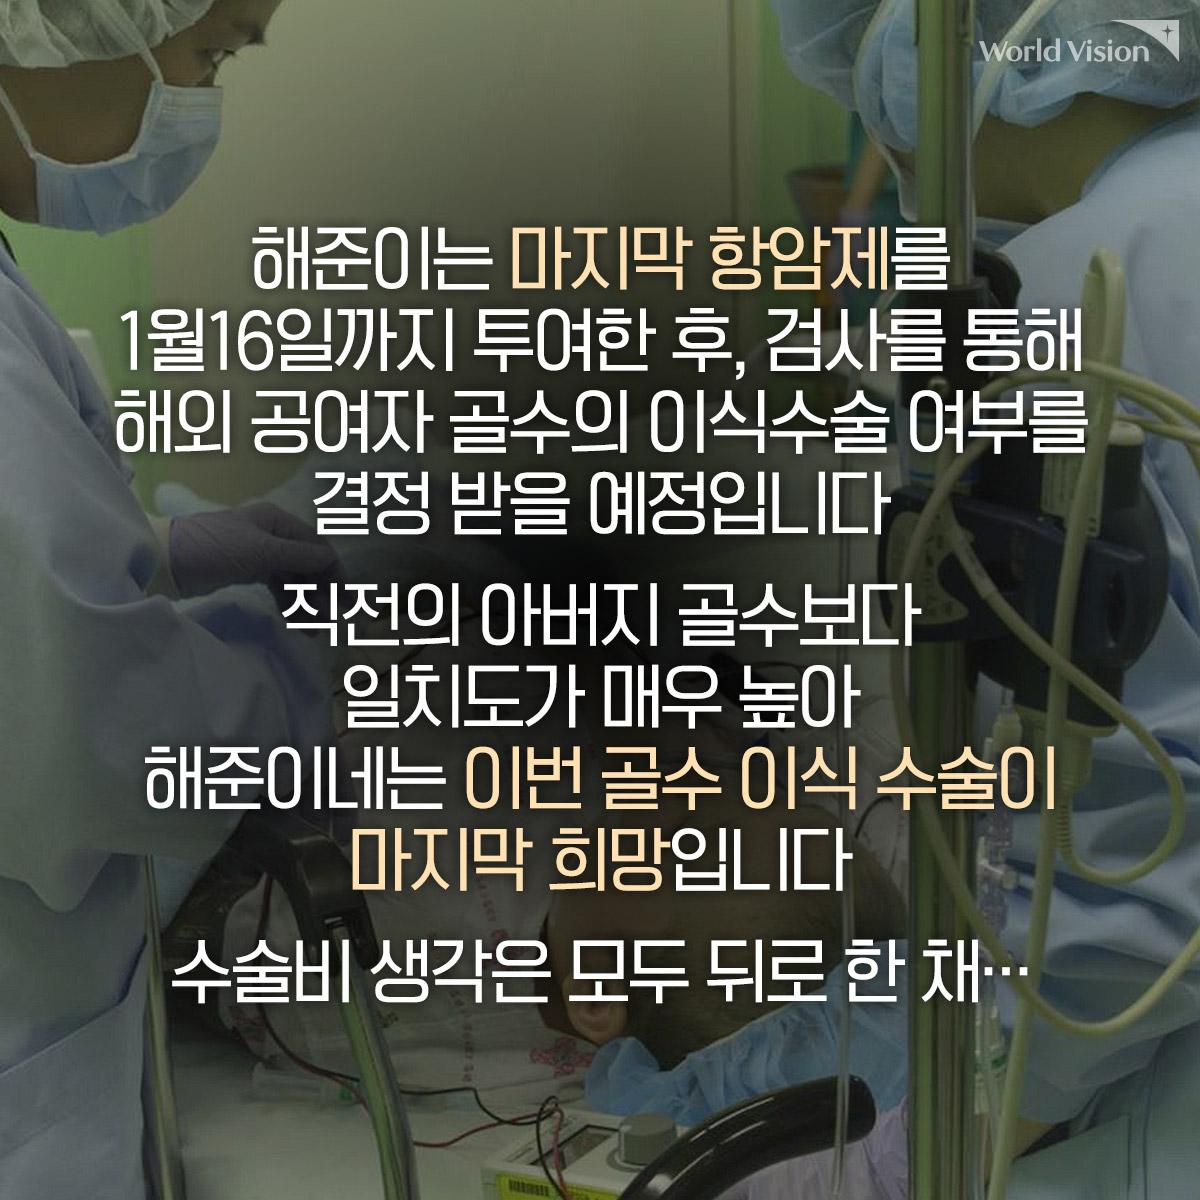 해준이는 마지막 항암제를 1월16일까지 투여한 후, 이식수술 여부를 결정 받을 예정입니다. 해준이네는 이번 골수 이식 수술이 마지막 희망입니다.